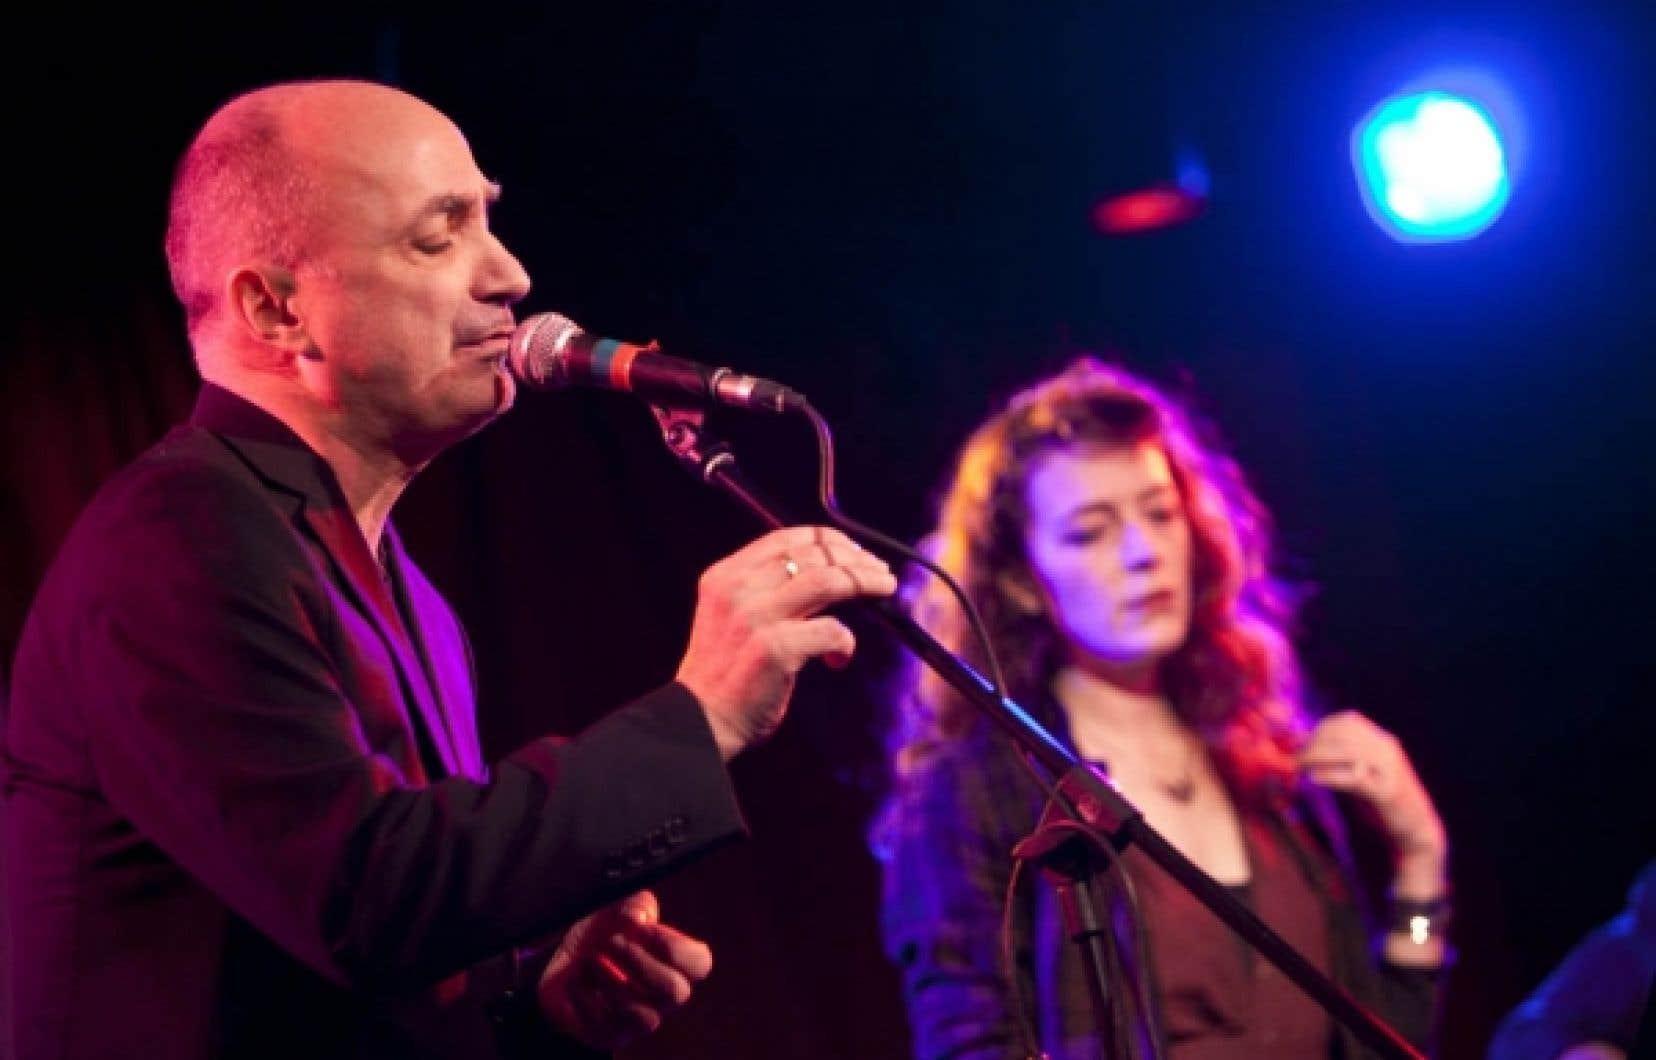 Michel Faubert et Melissa Auf der Maur, les invit&eacute;s d&rsquo;honneur du Festival Voix d&rsquo;Am&eacute;riques.<br />